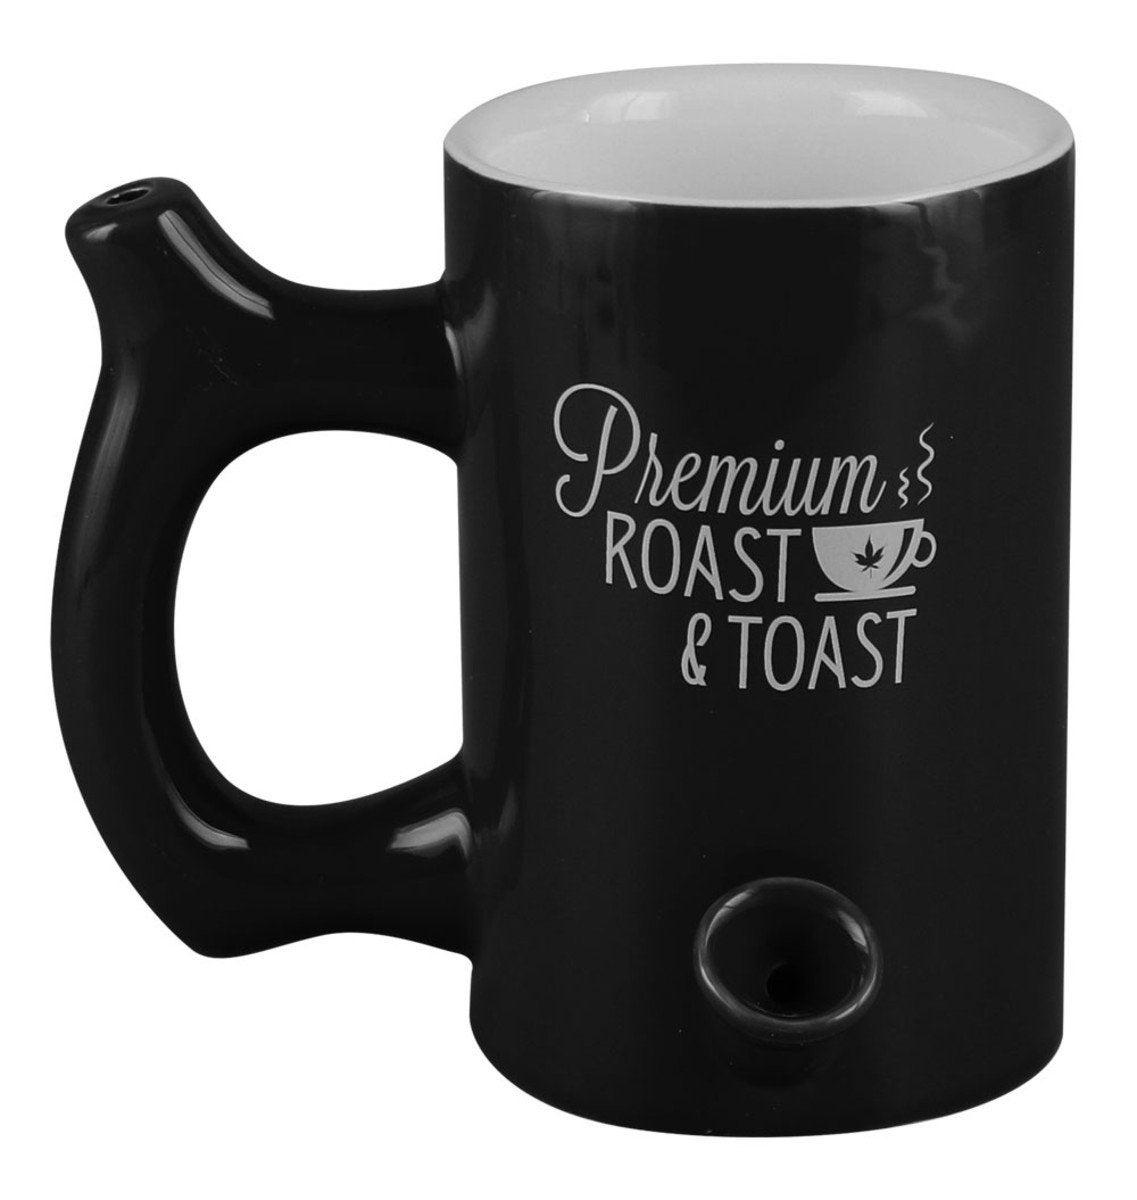 Roast & Toast Large Matte Black Premium